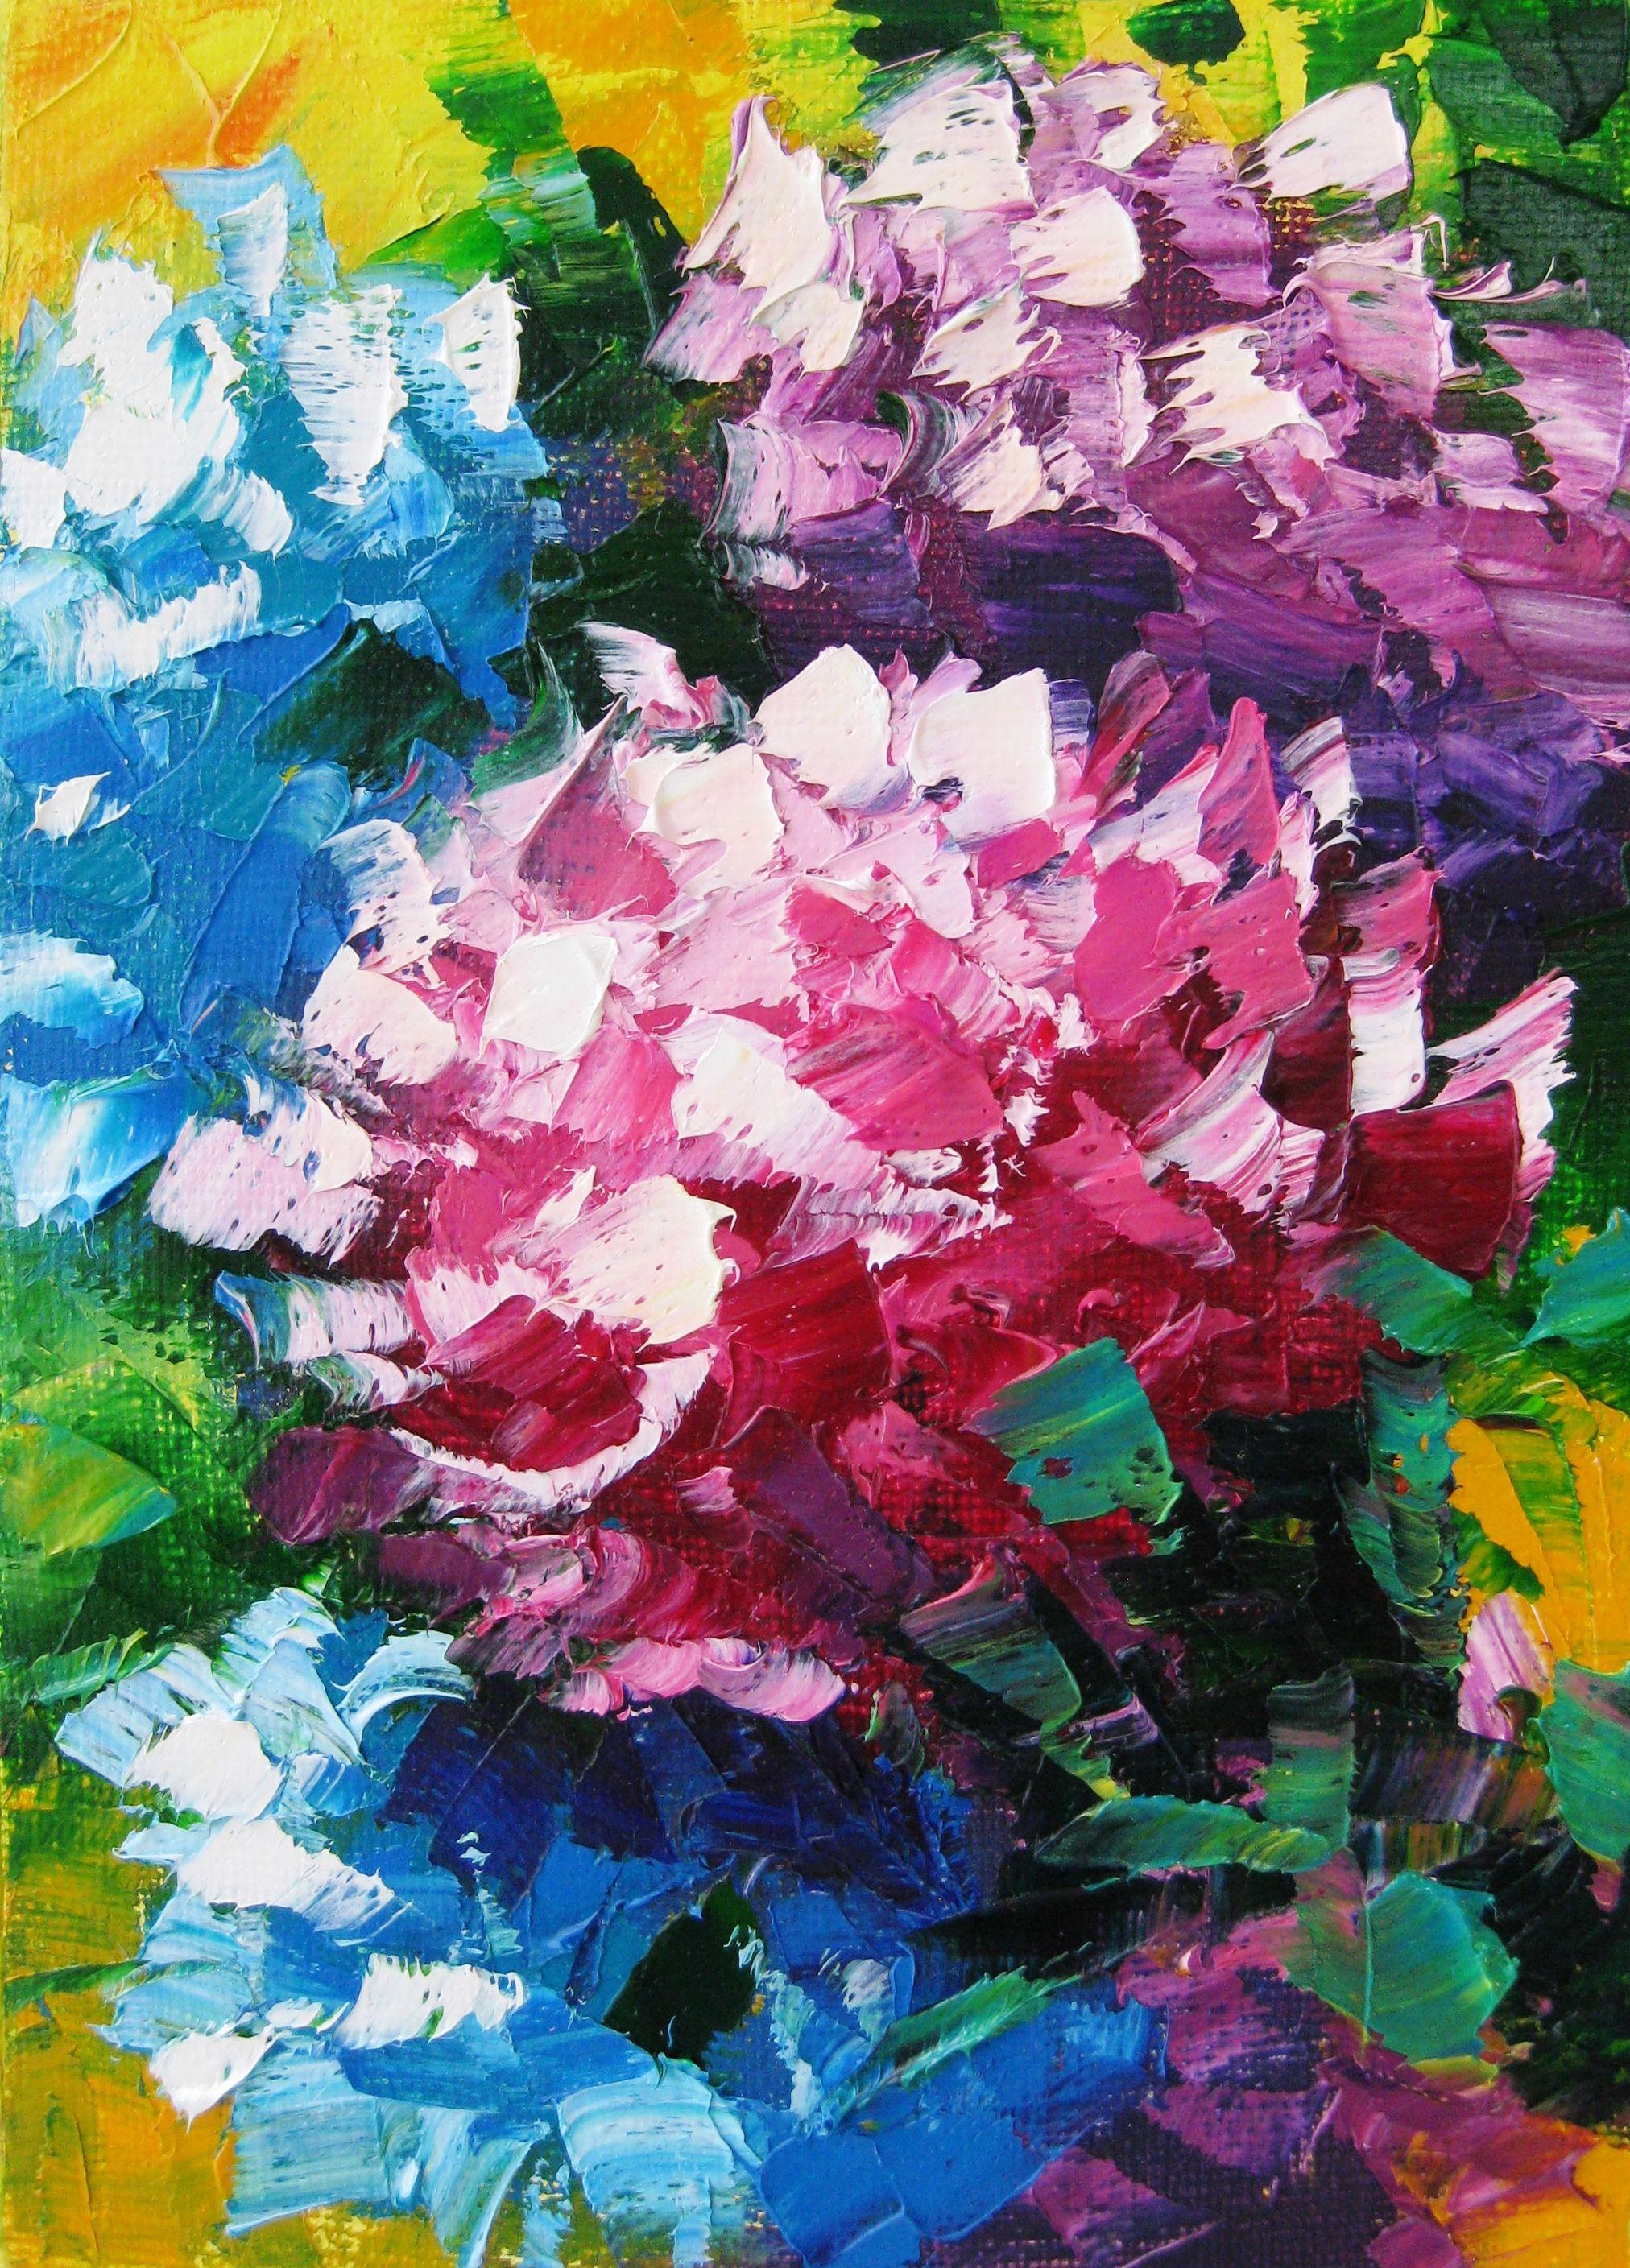 Palette knife decor. Floral art oil. Flower painting on